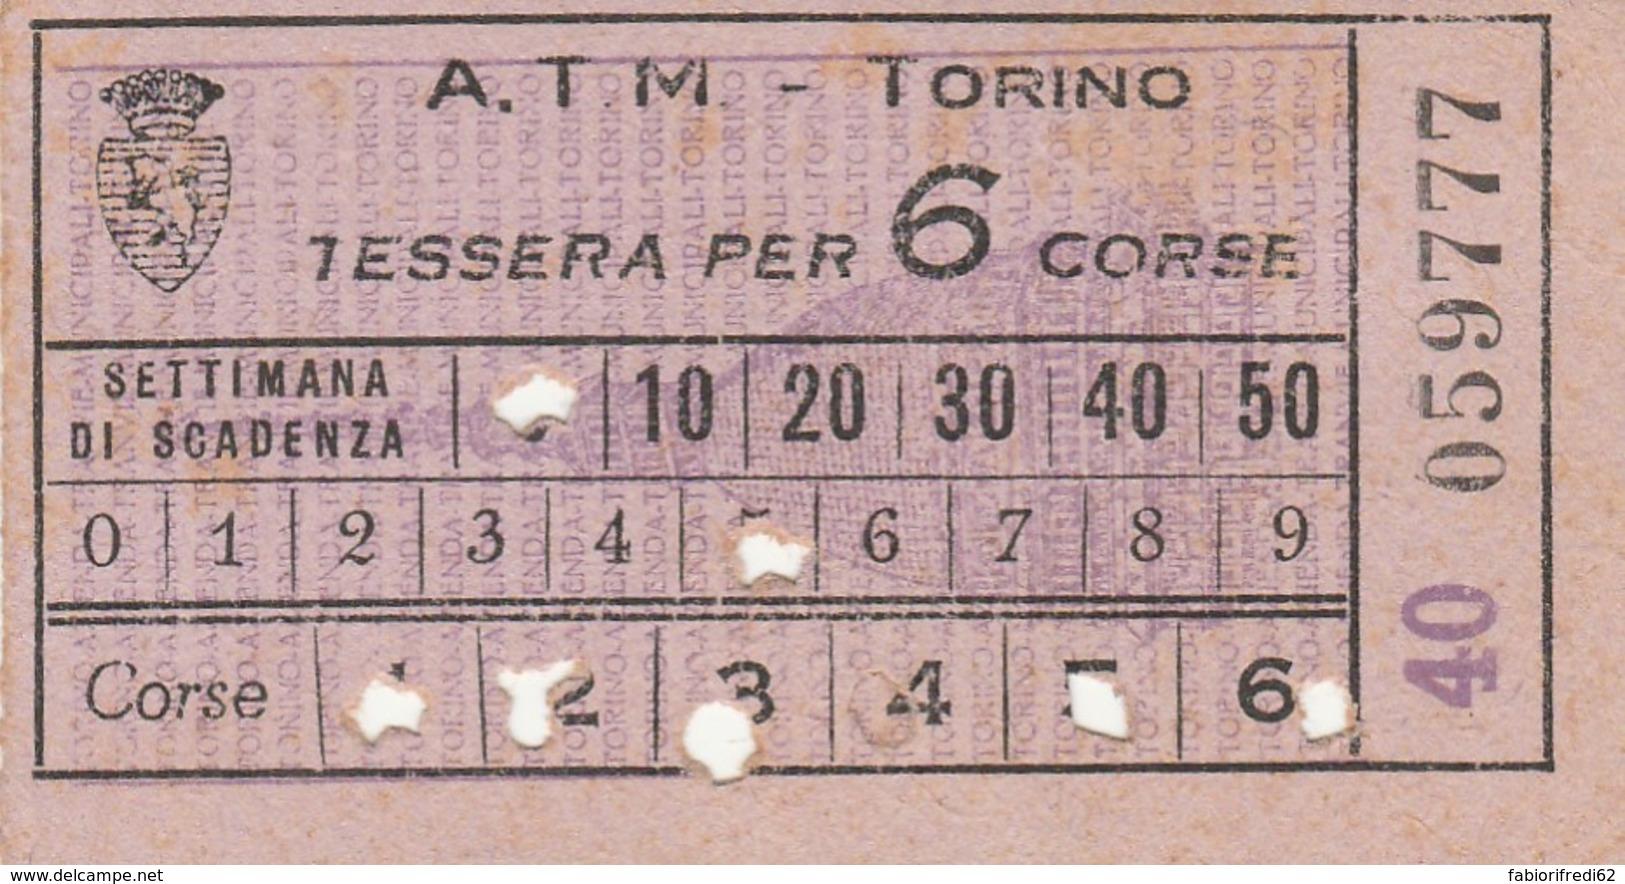 TESSERA PER 6 CORSE TORINO BIGLIETTO AUTOBUS (FX378 - Bus